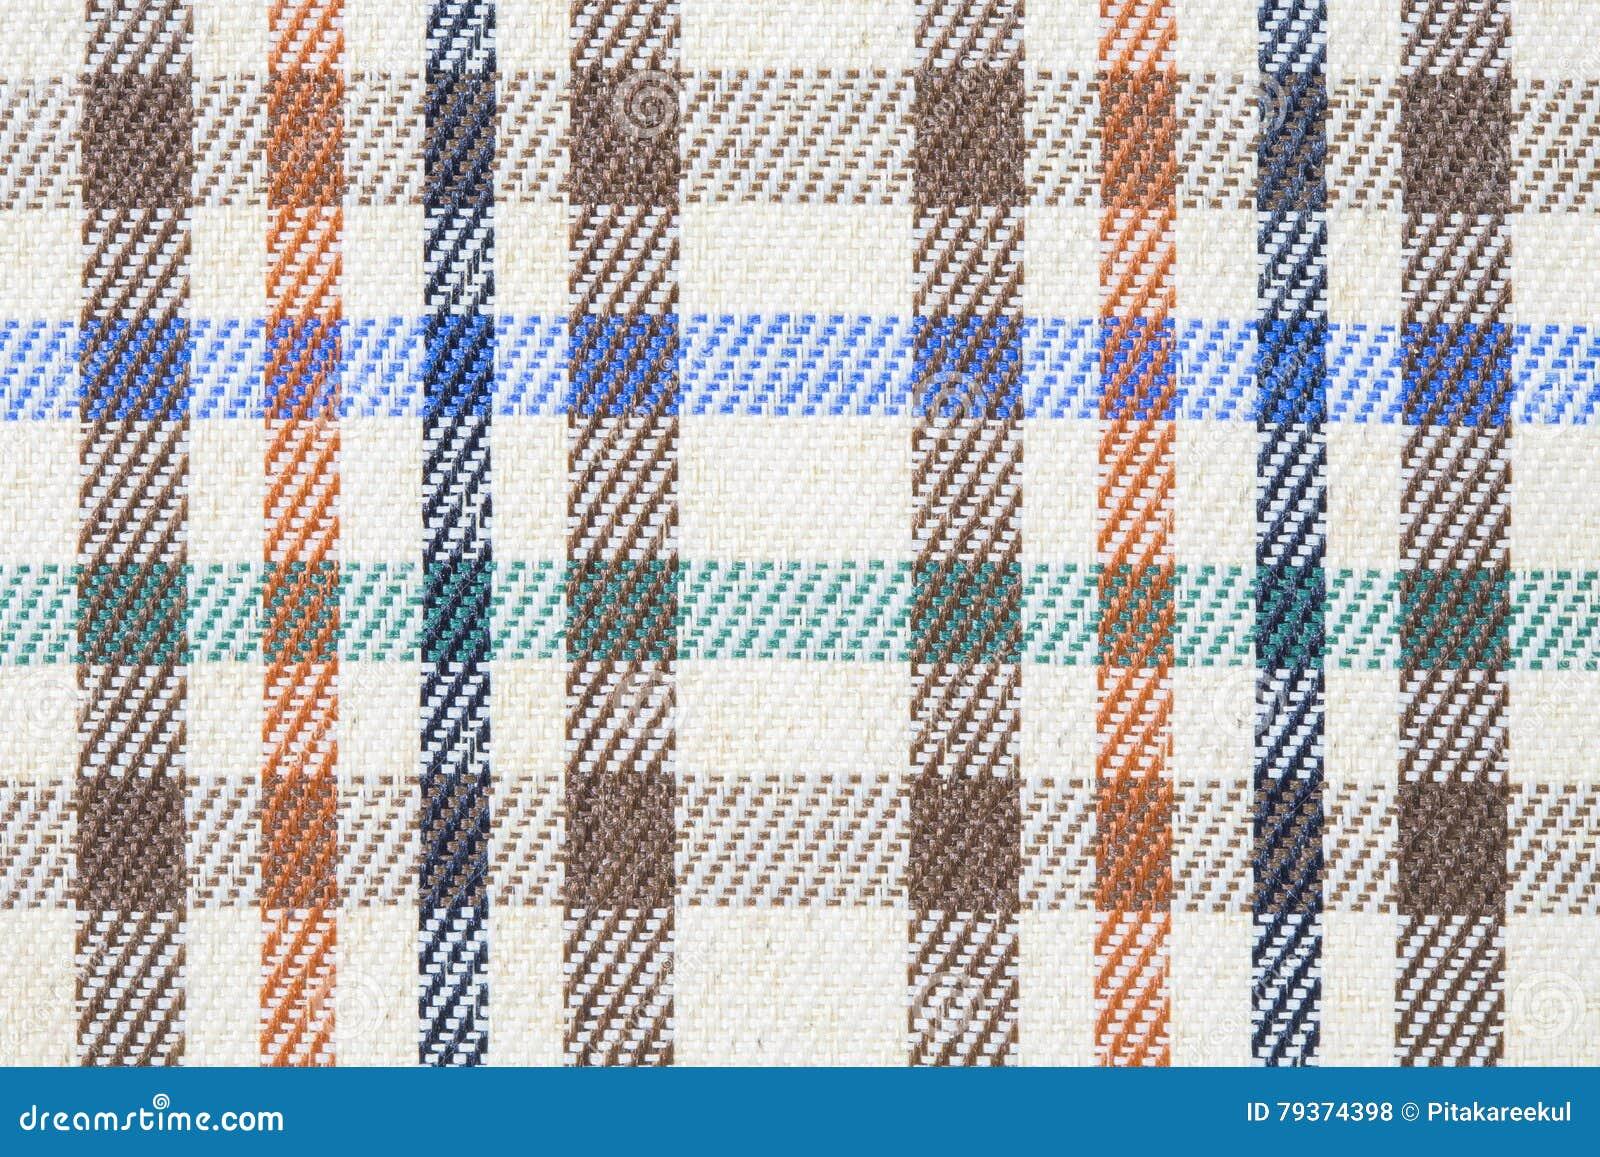 Plaidgeruit schots wollen stof voor naadloos patroon als achtergrond